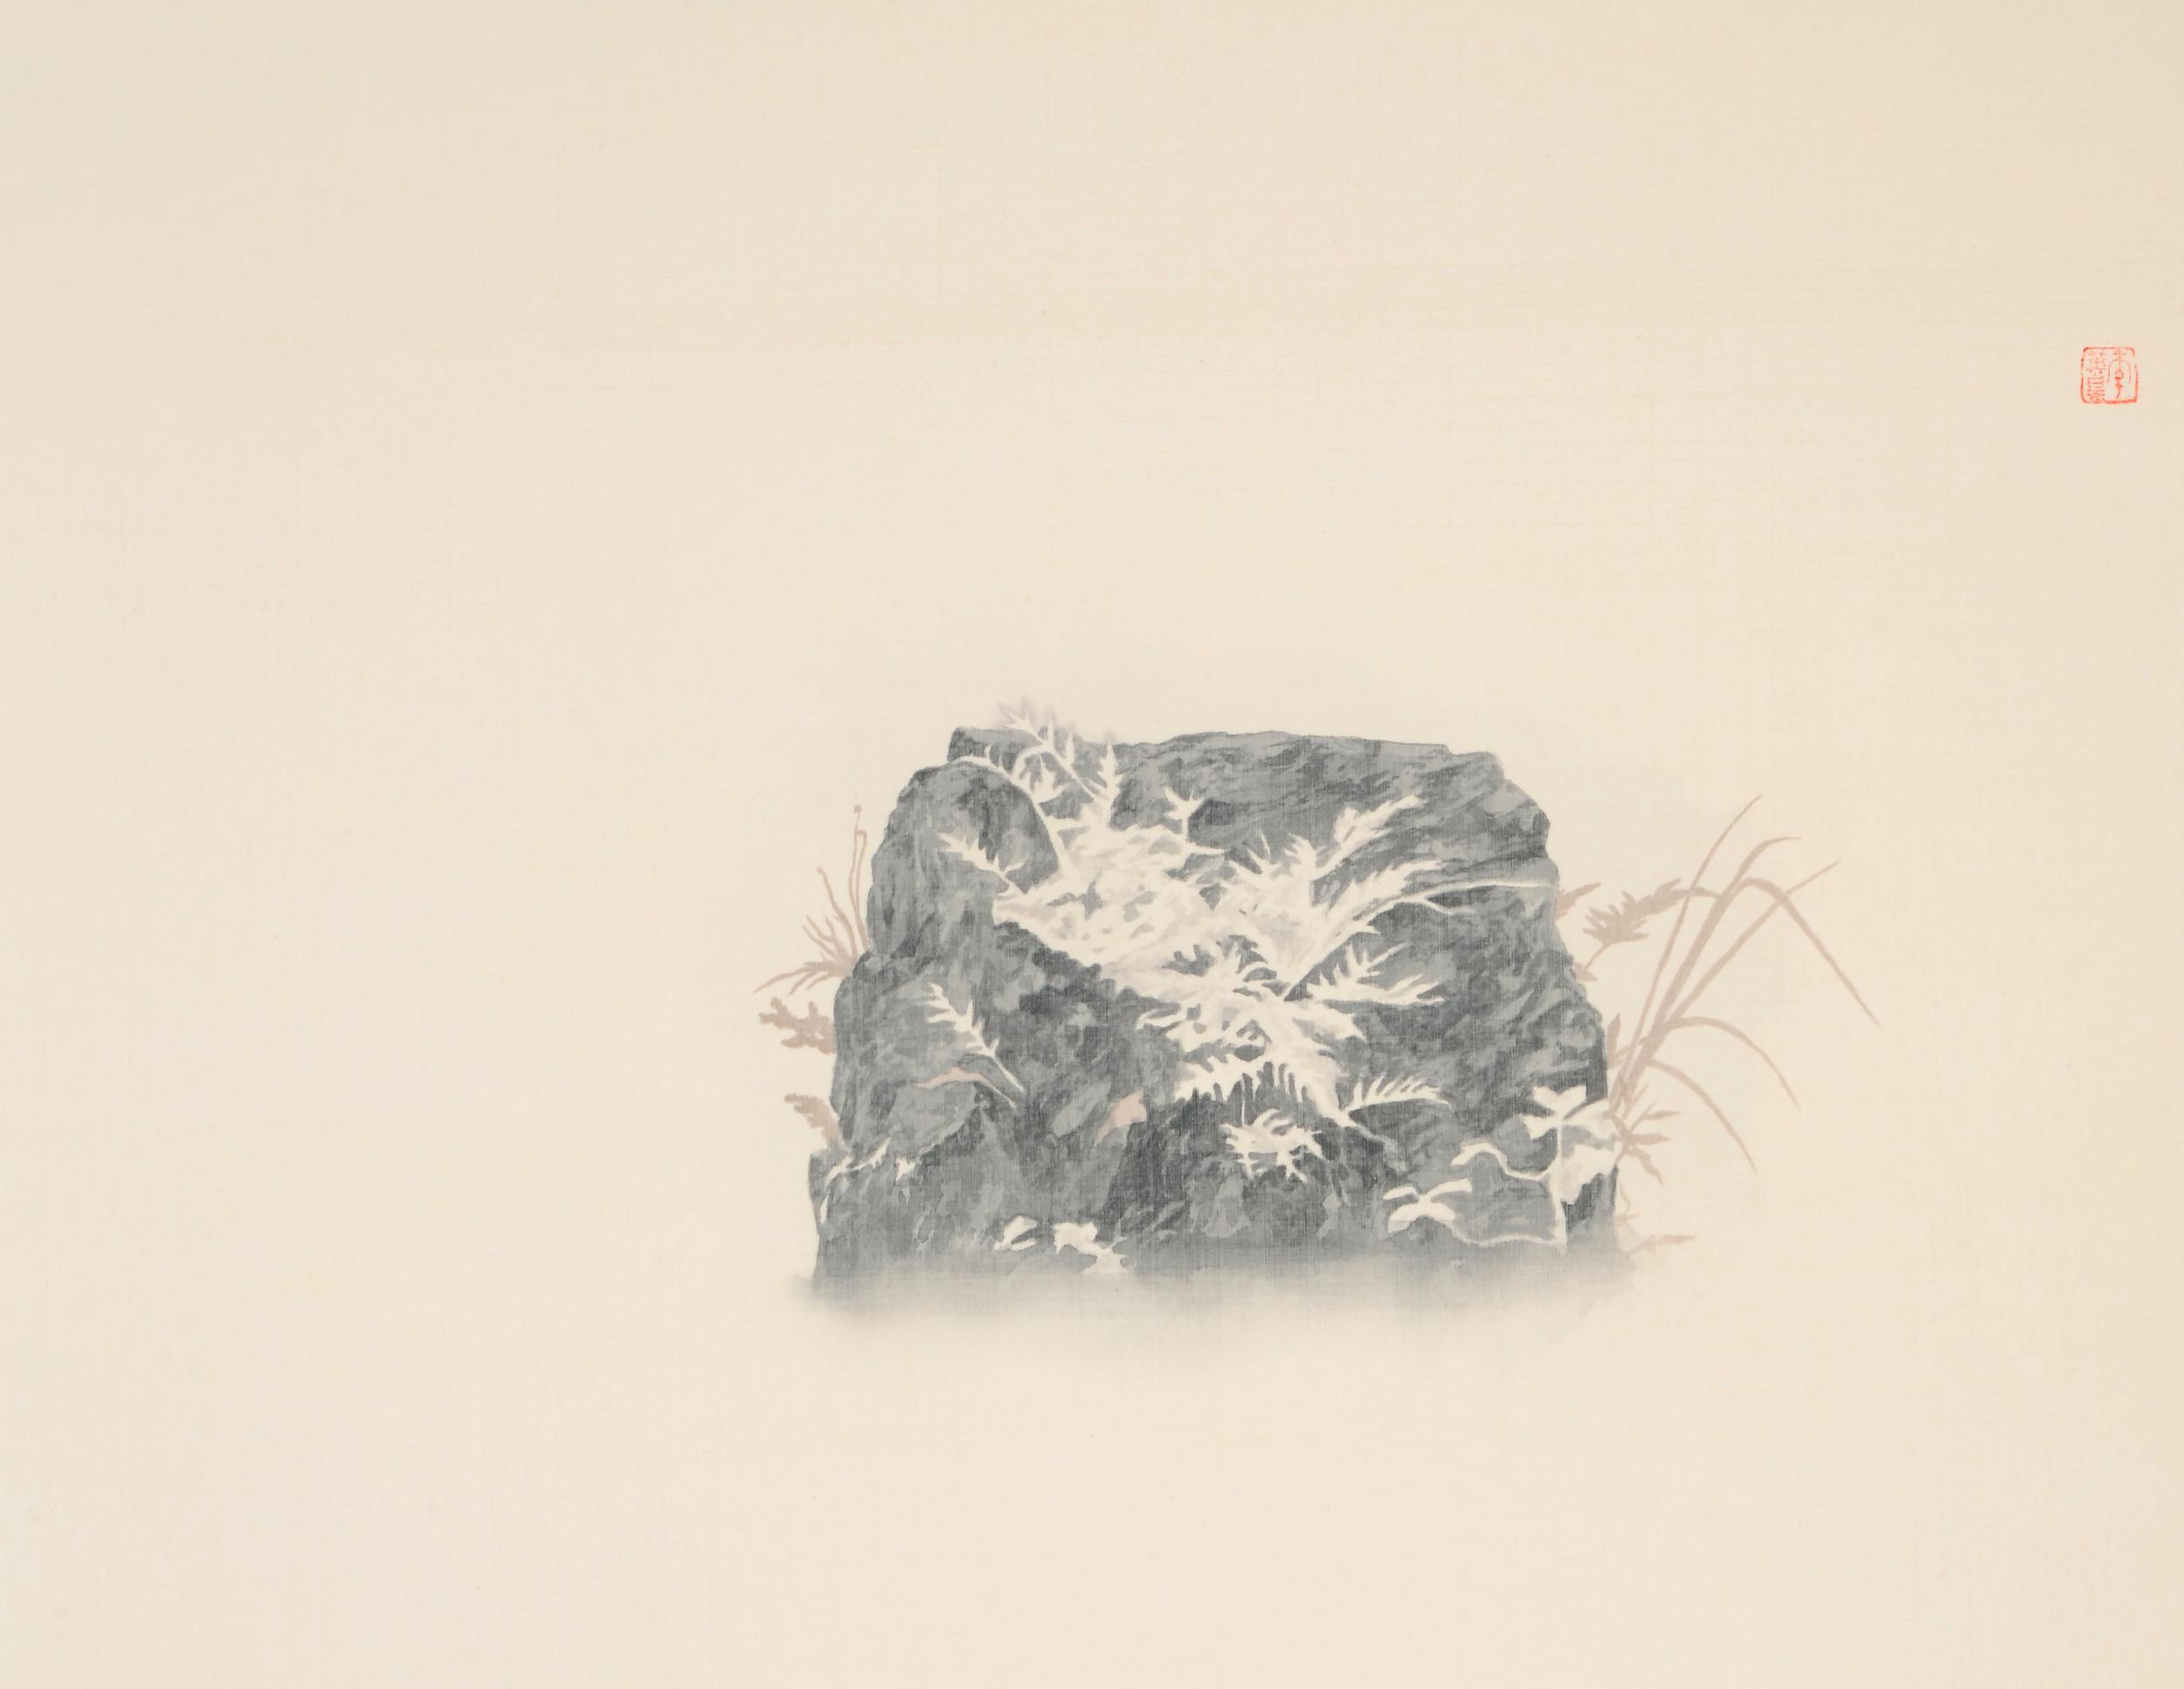 幽棲草自生-1  53x65 cm  2015  水墨絹本